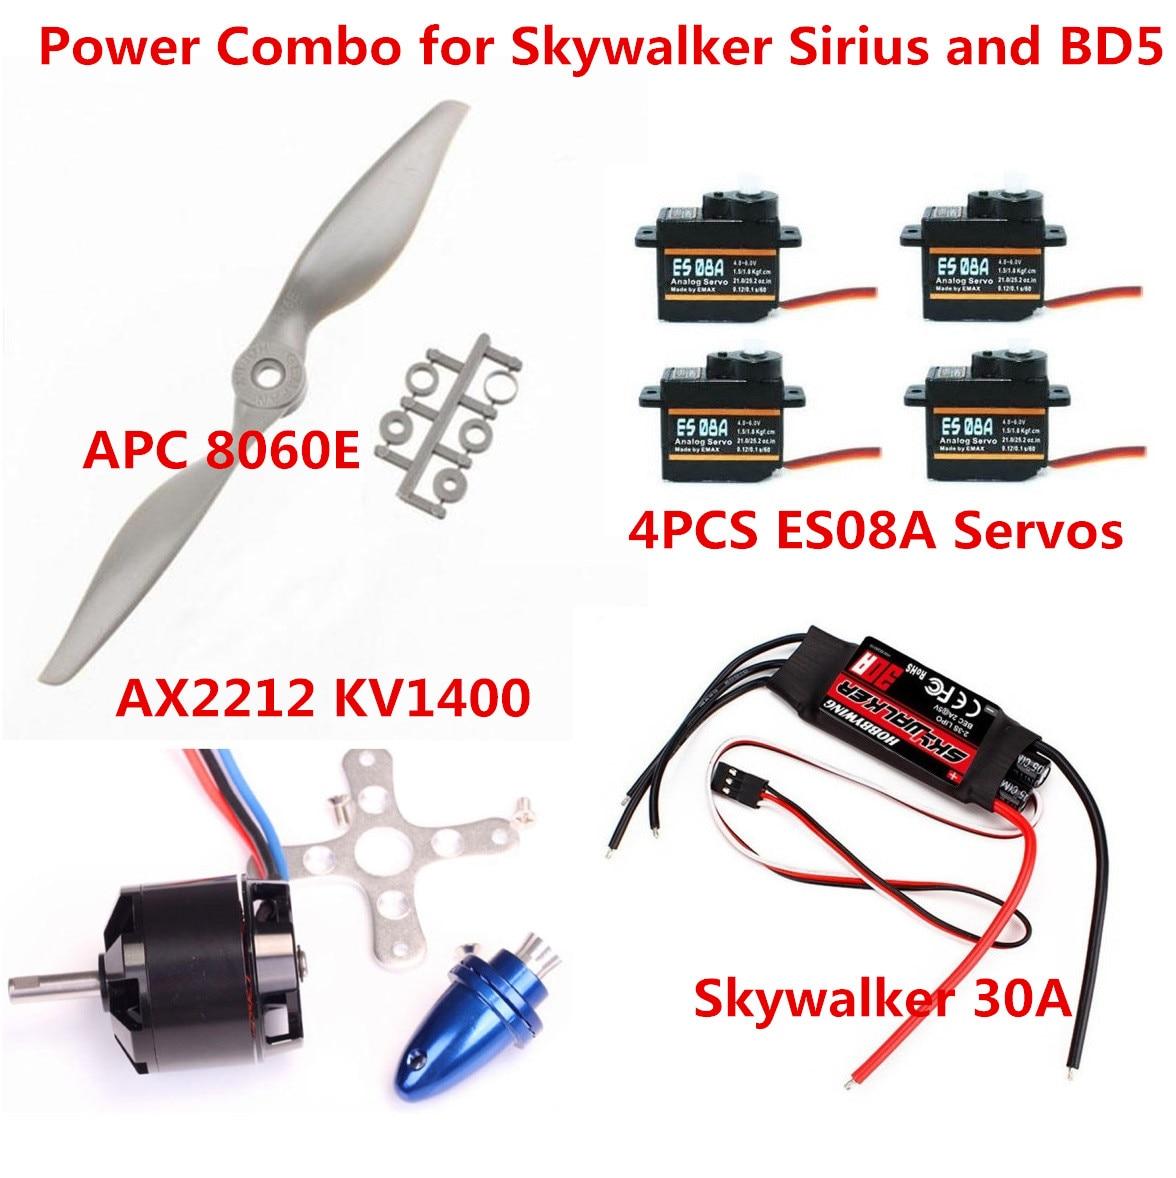 Power Combo for Skywalker Sirius and BD5 (AX2212 kv1400 Motor APC8060E prop Skywalker 30A ESC 4xES08A Servos) skywalker x8 x7 flying wing power combo 12x6 folding propeller ax2820c motor 60a esc es08ma servos